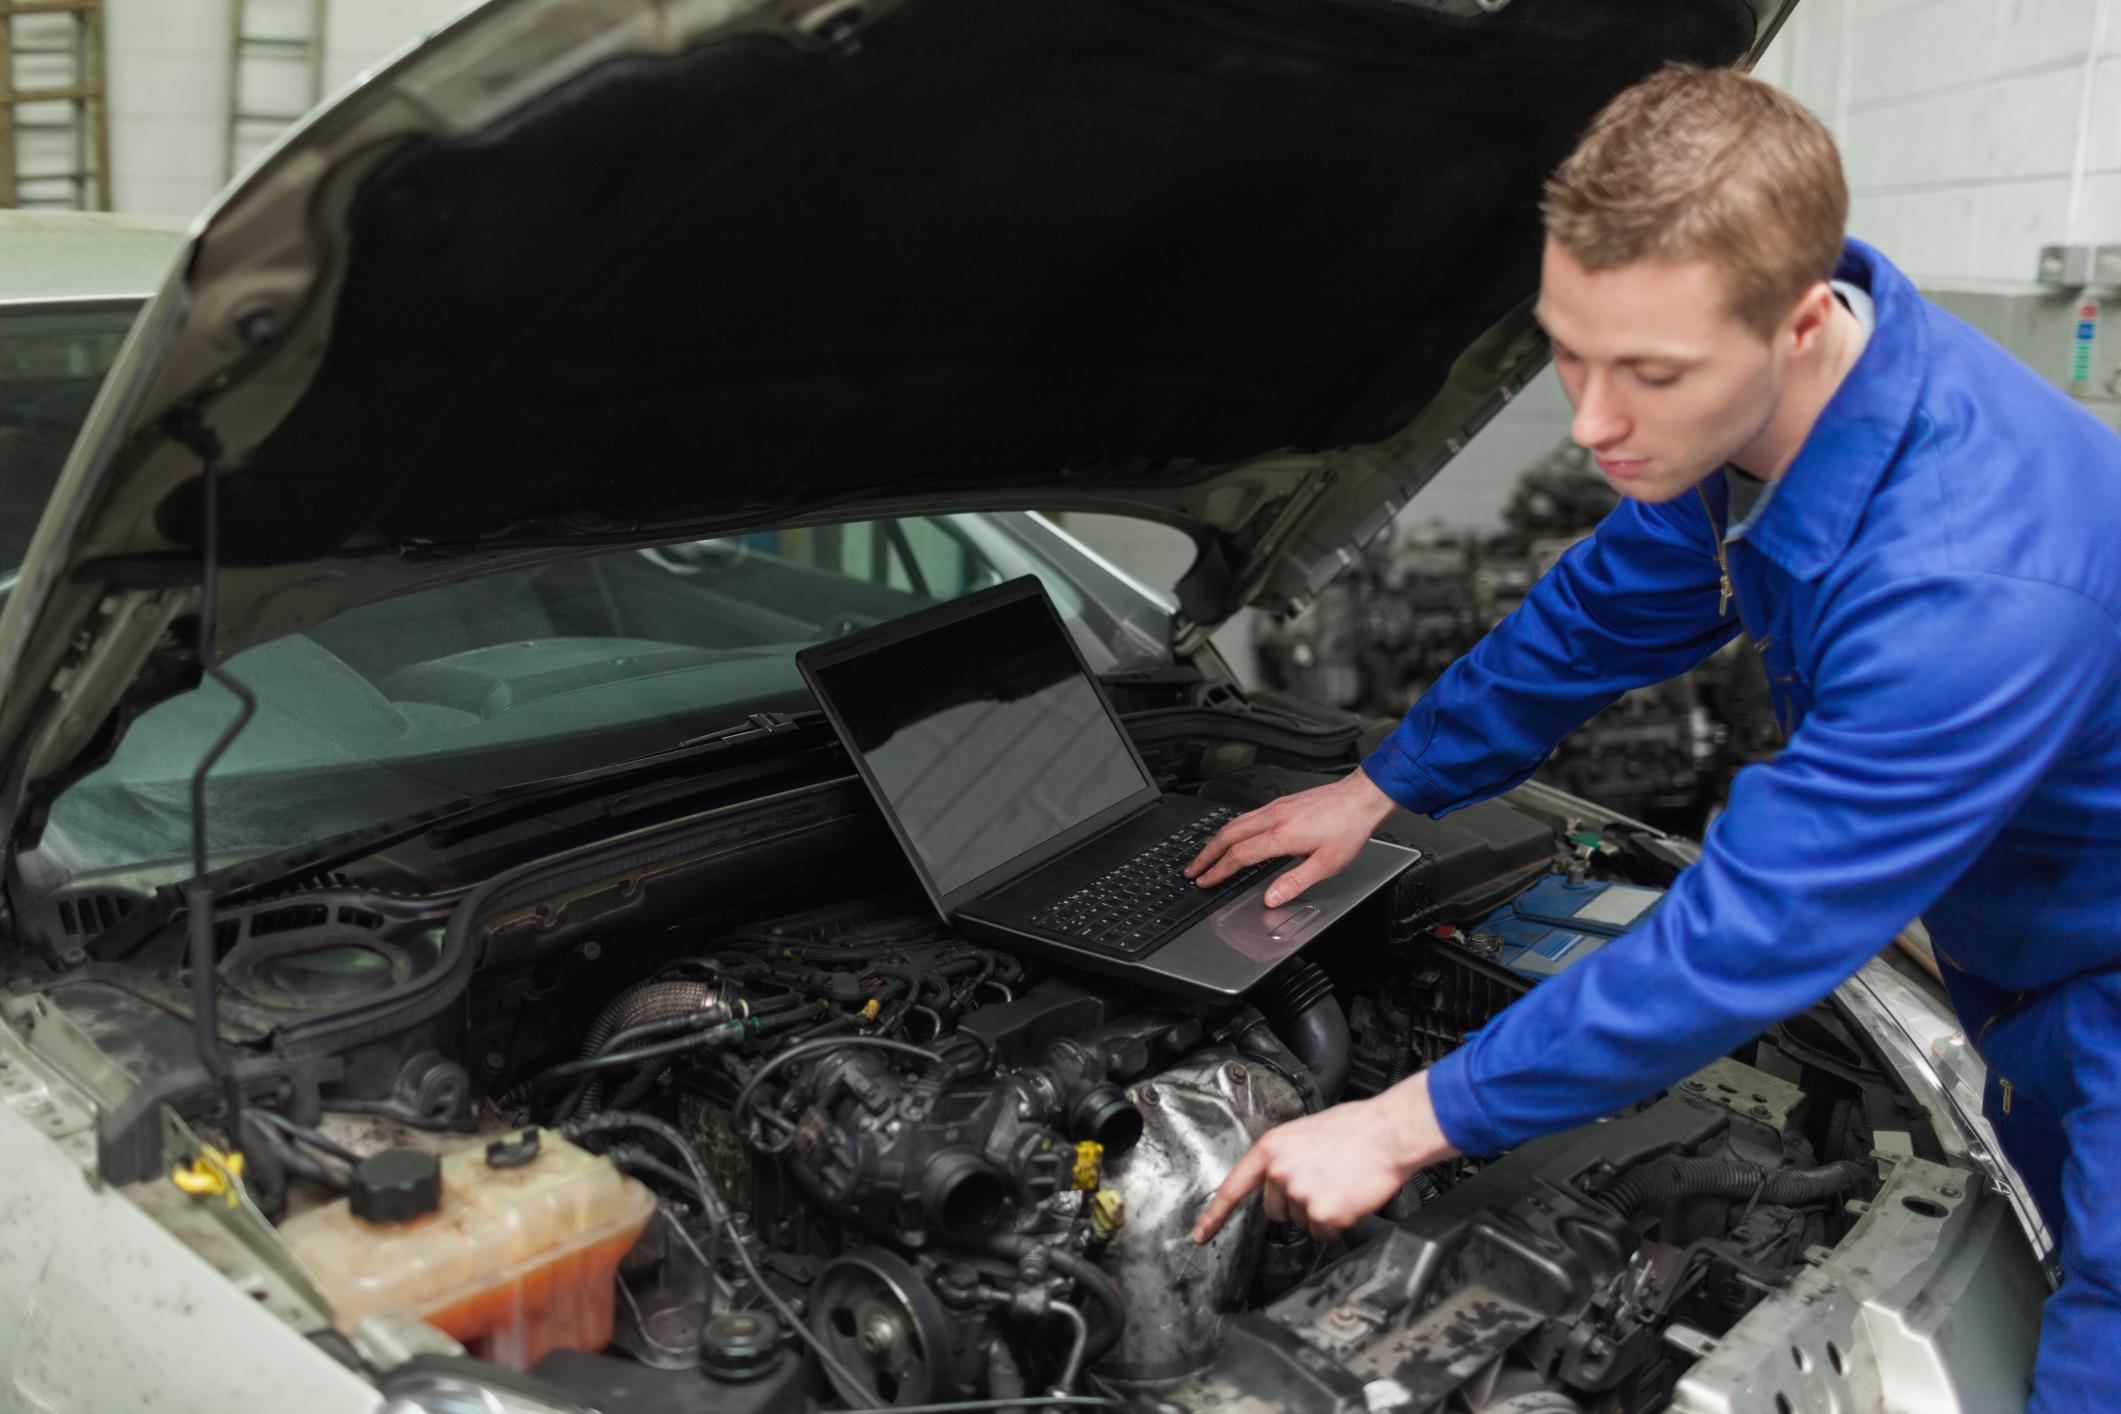 Jacksonville's Best Mobile Mechanic, Top Mobile Mechanic Jacksonville